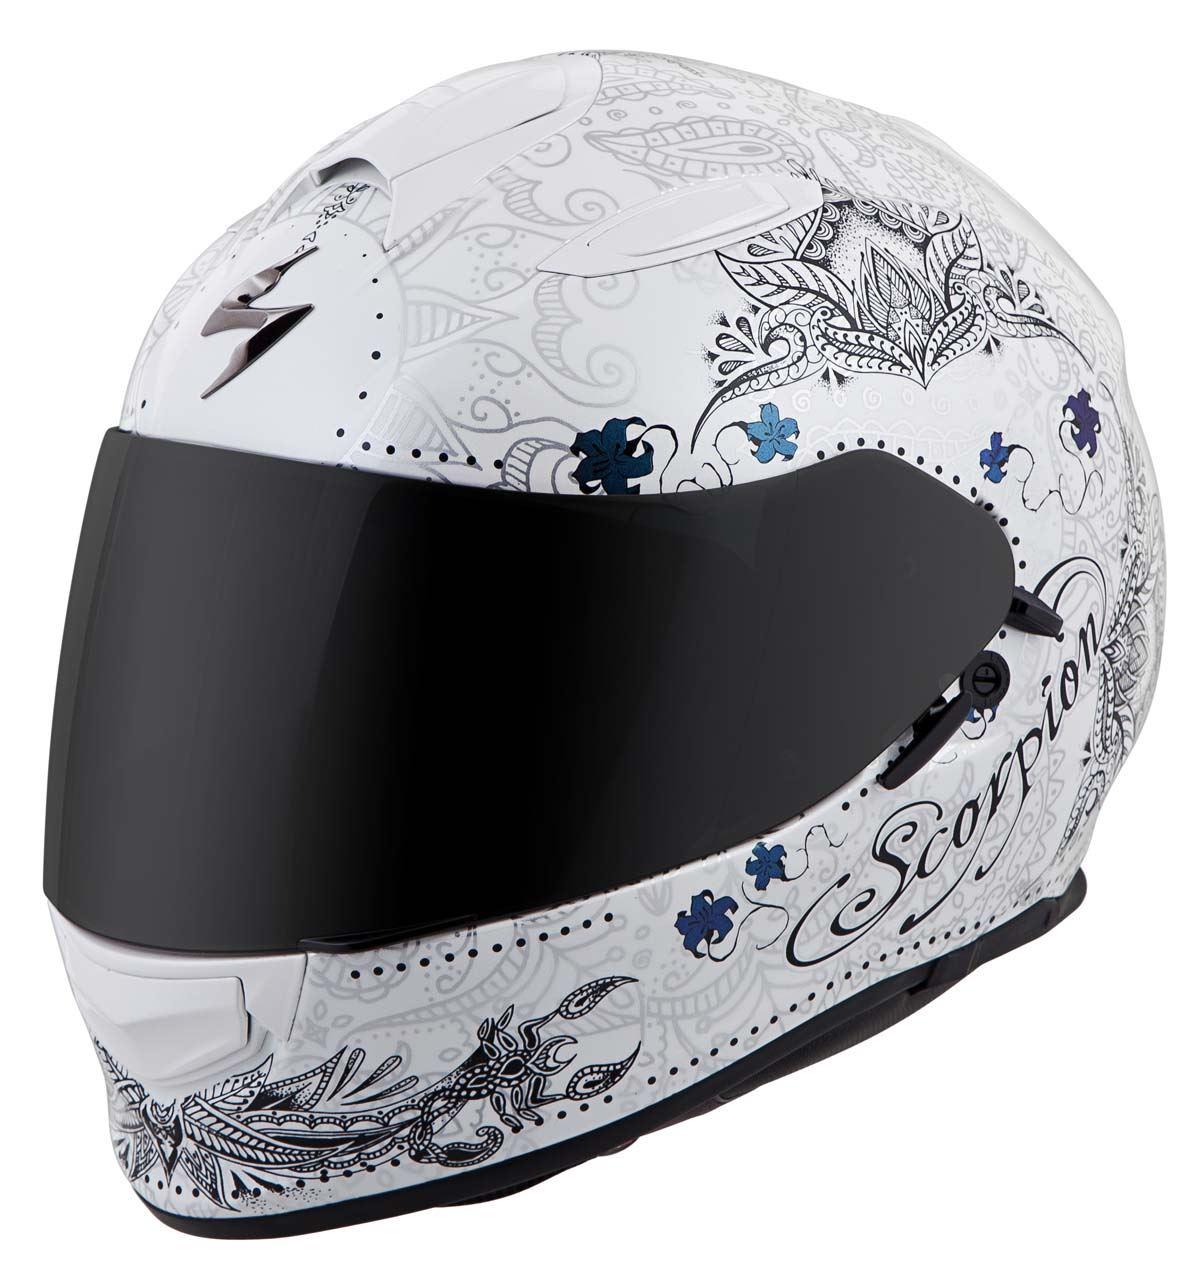 Scorpion-EXO-T510-Helmet-Full-Face-DOT-Approved-Inner-Sun-Shield miniature 70